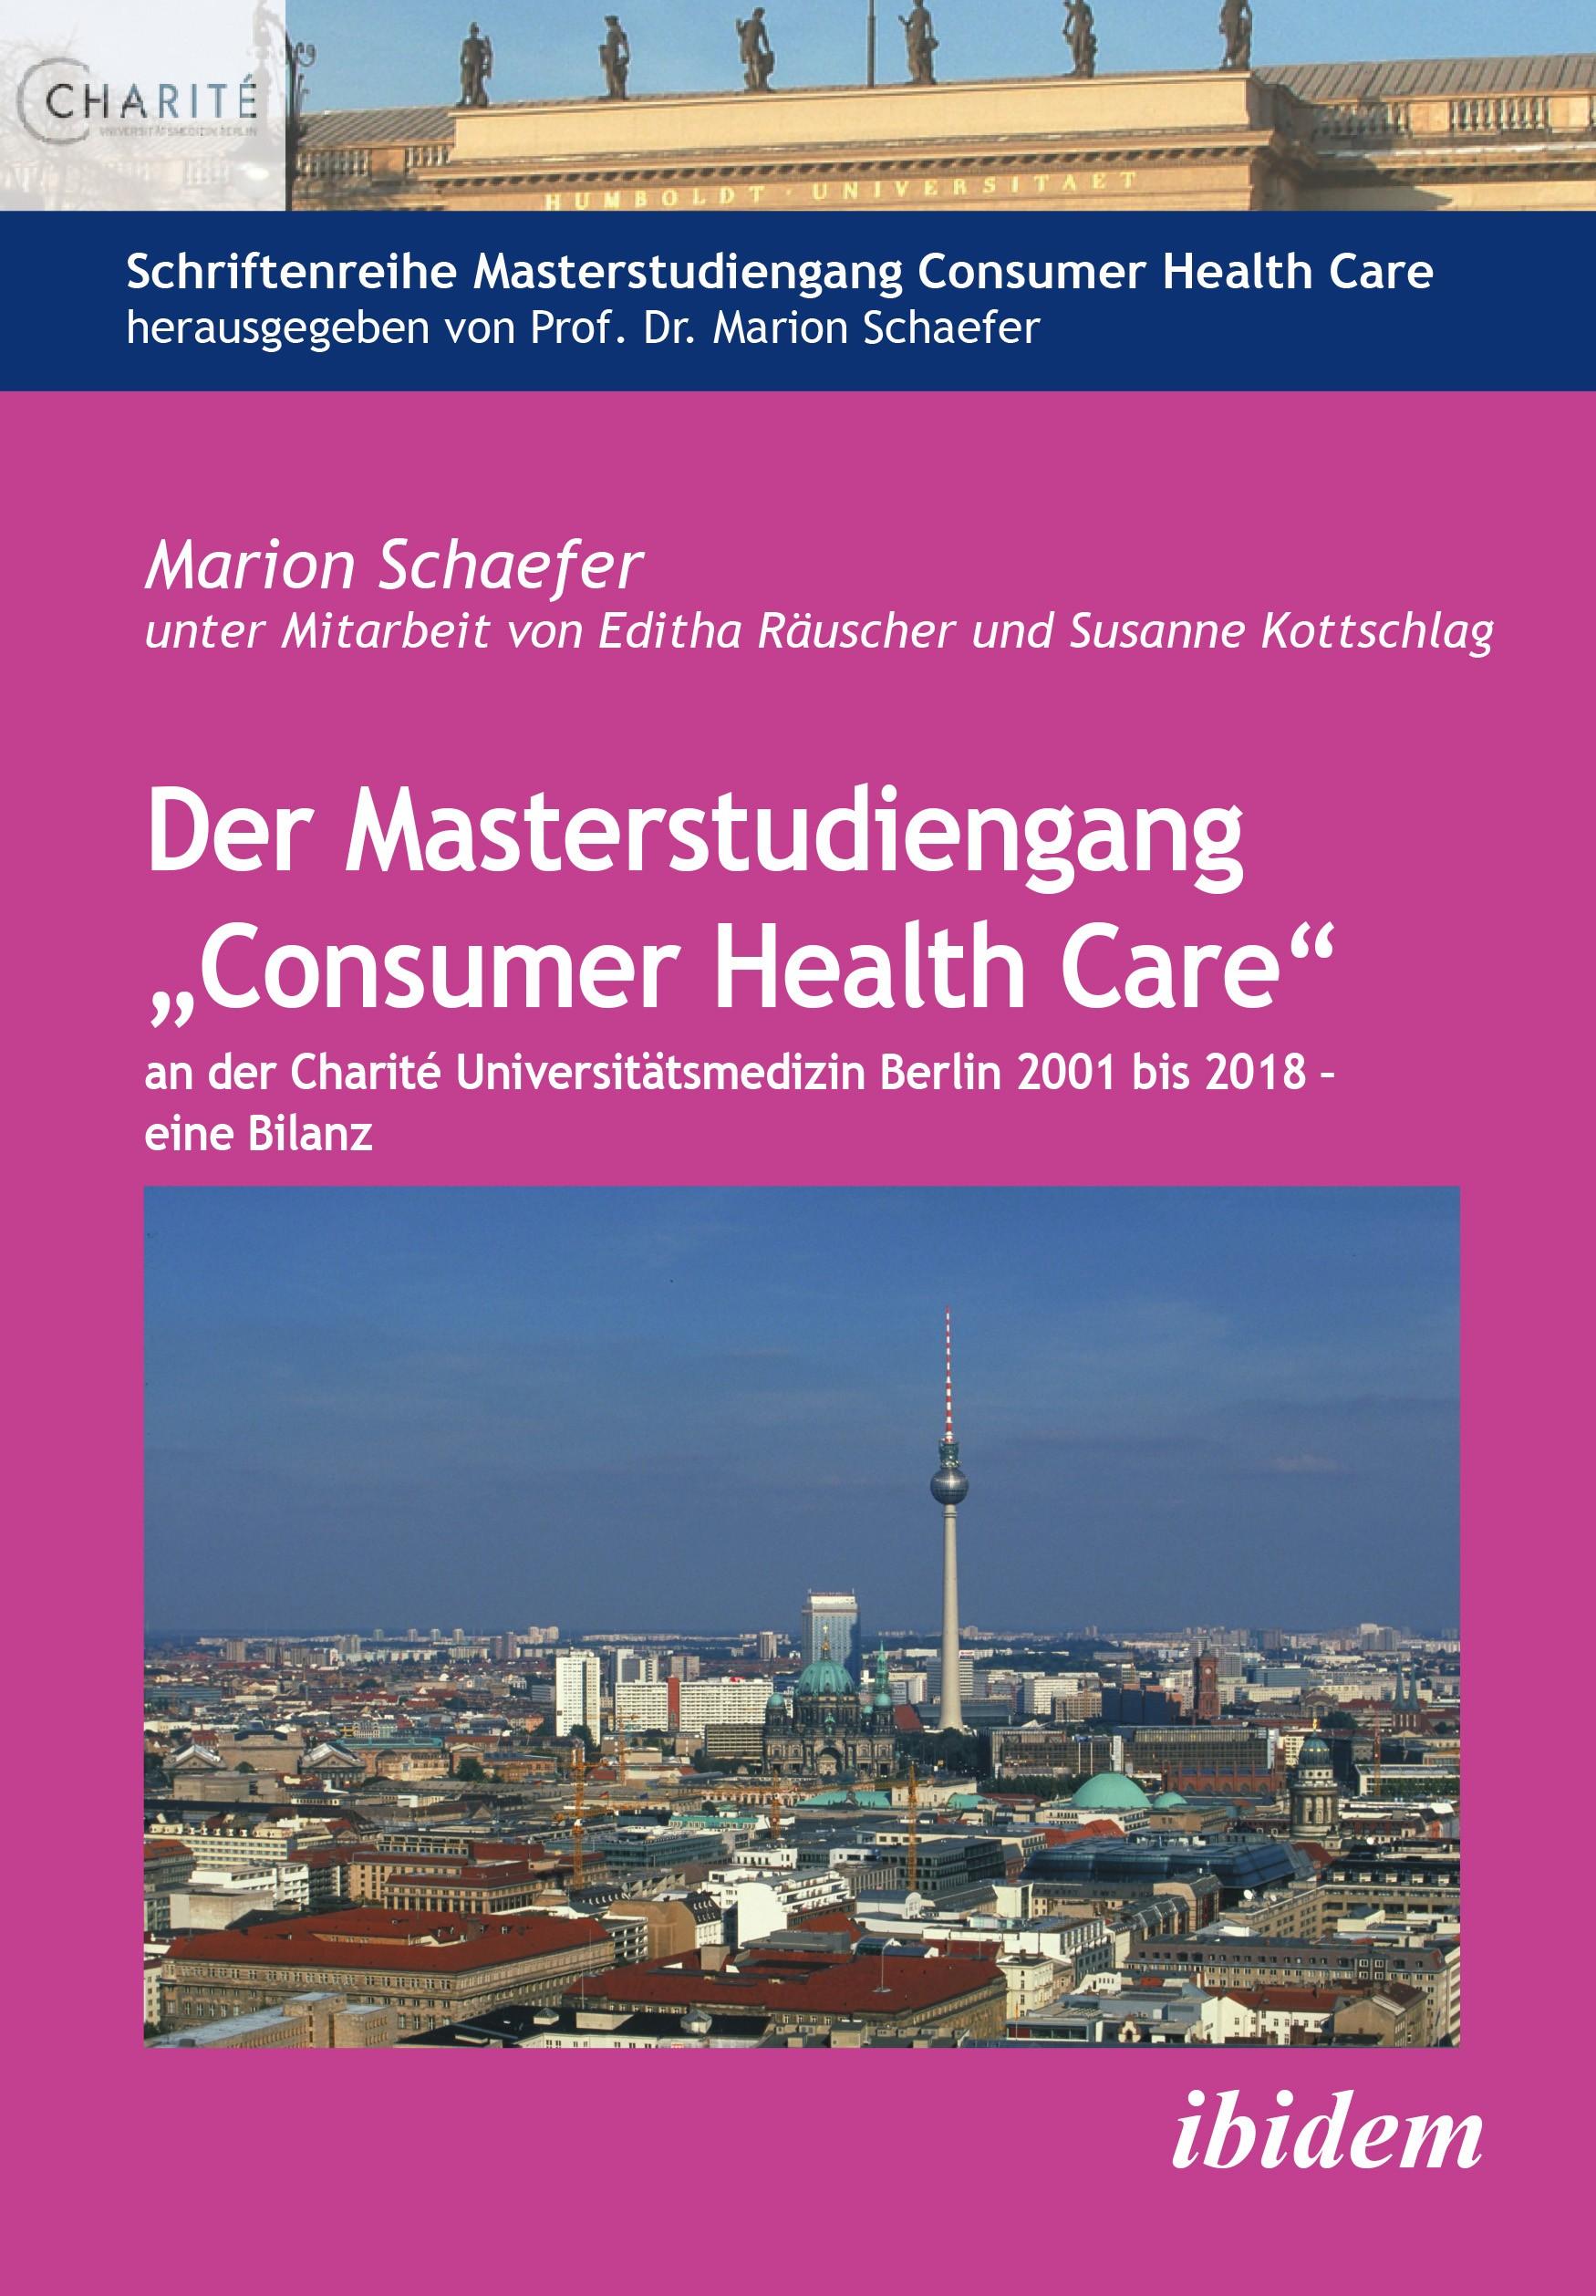 """Der Masterstudiengang """"Consumer Health Care"""" an der Charité Universitätsmedizin Berlin 2001 bis 2018 - eine Bilanz"""